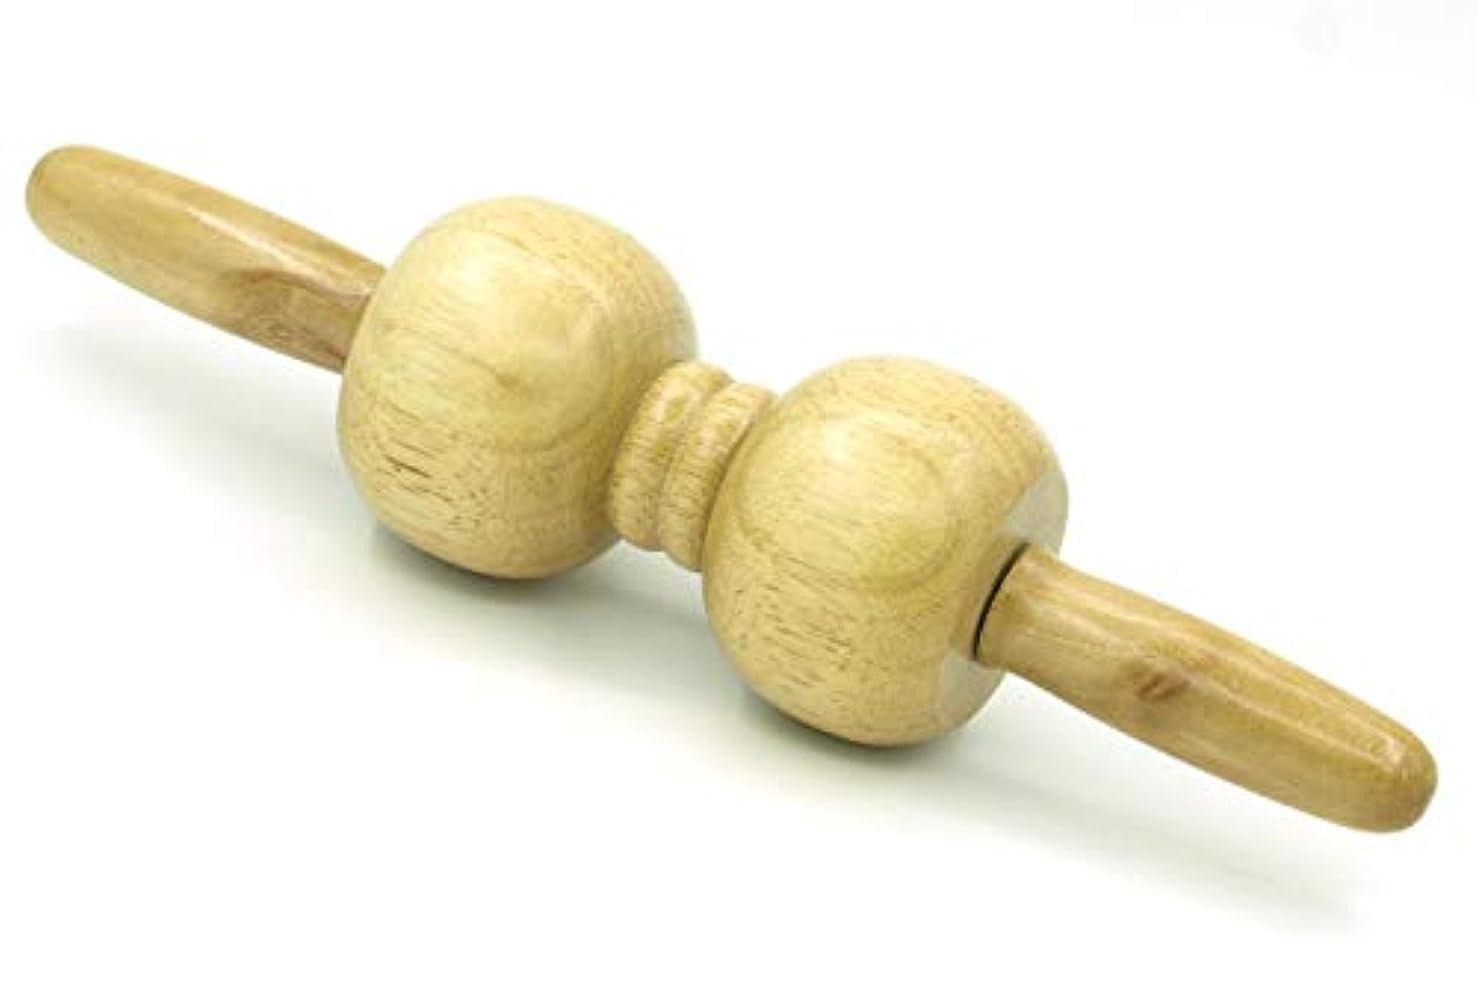 エンジニアつづりパトワ木製 マッサージ ローラー 棒 2玉